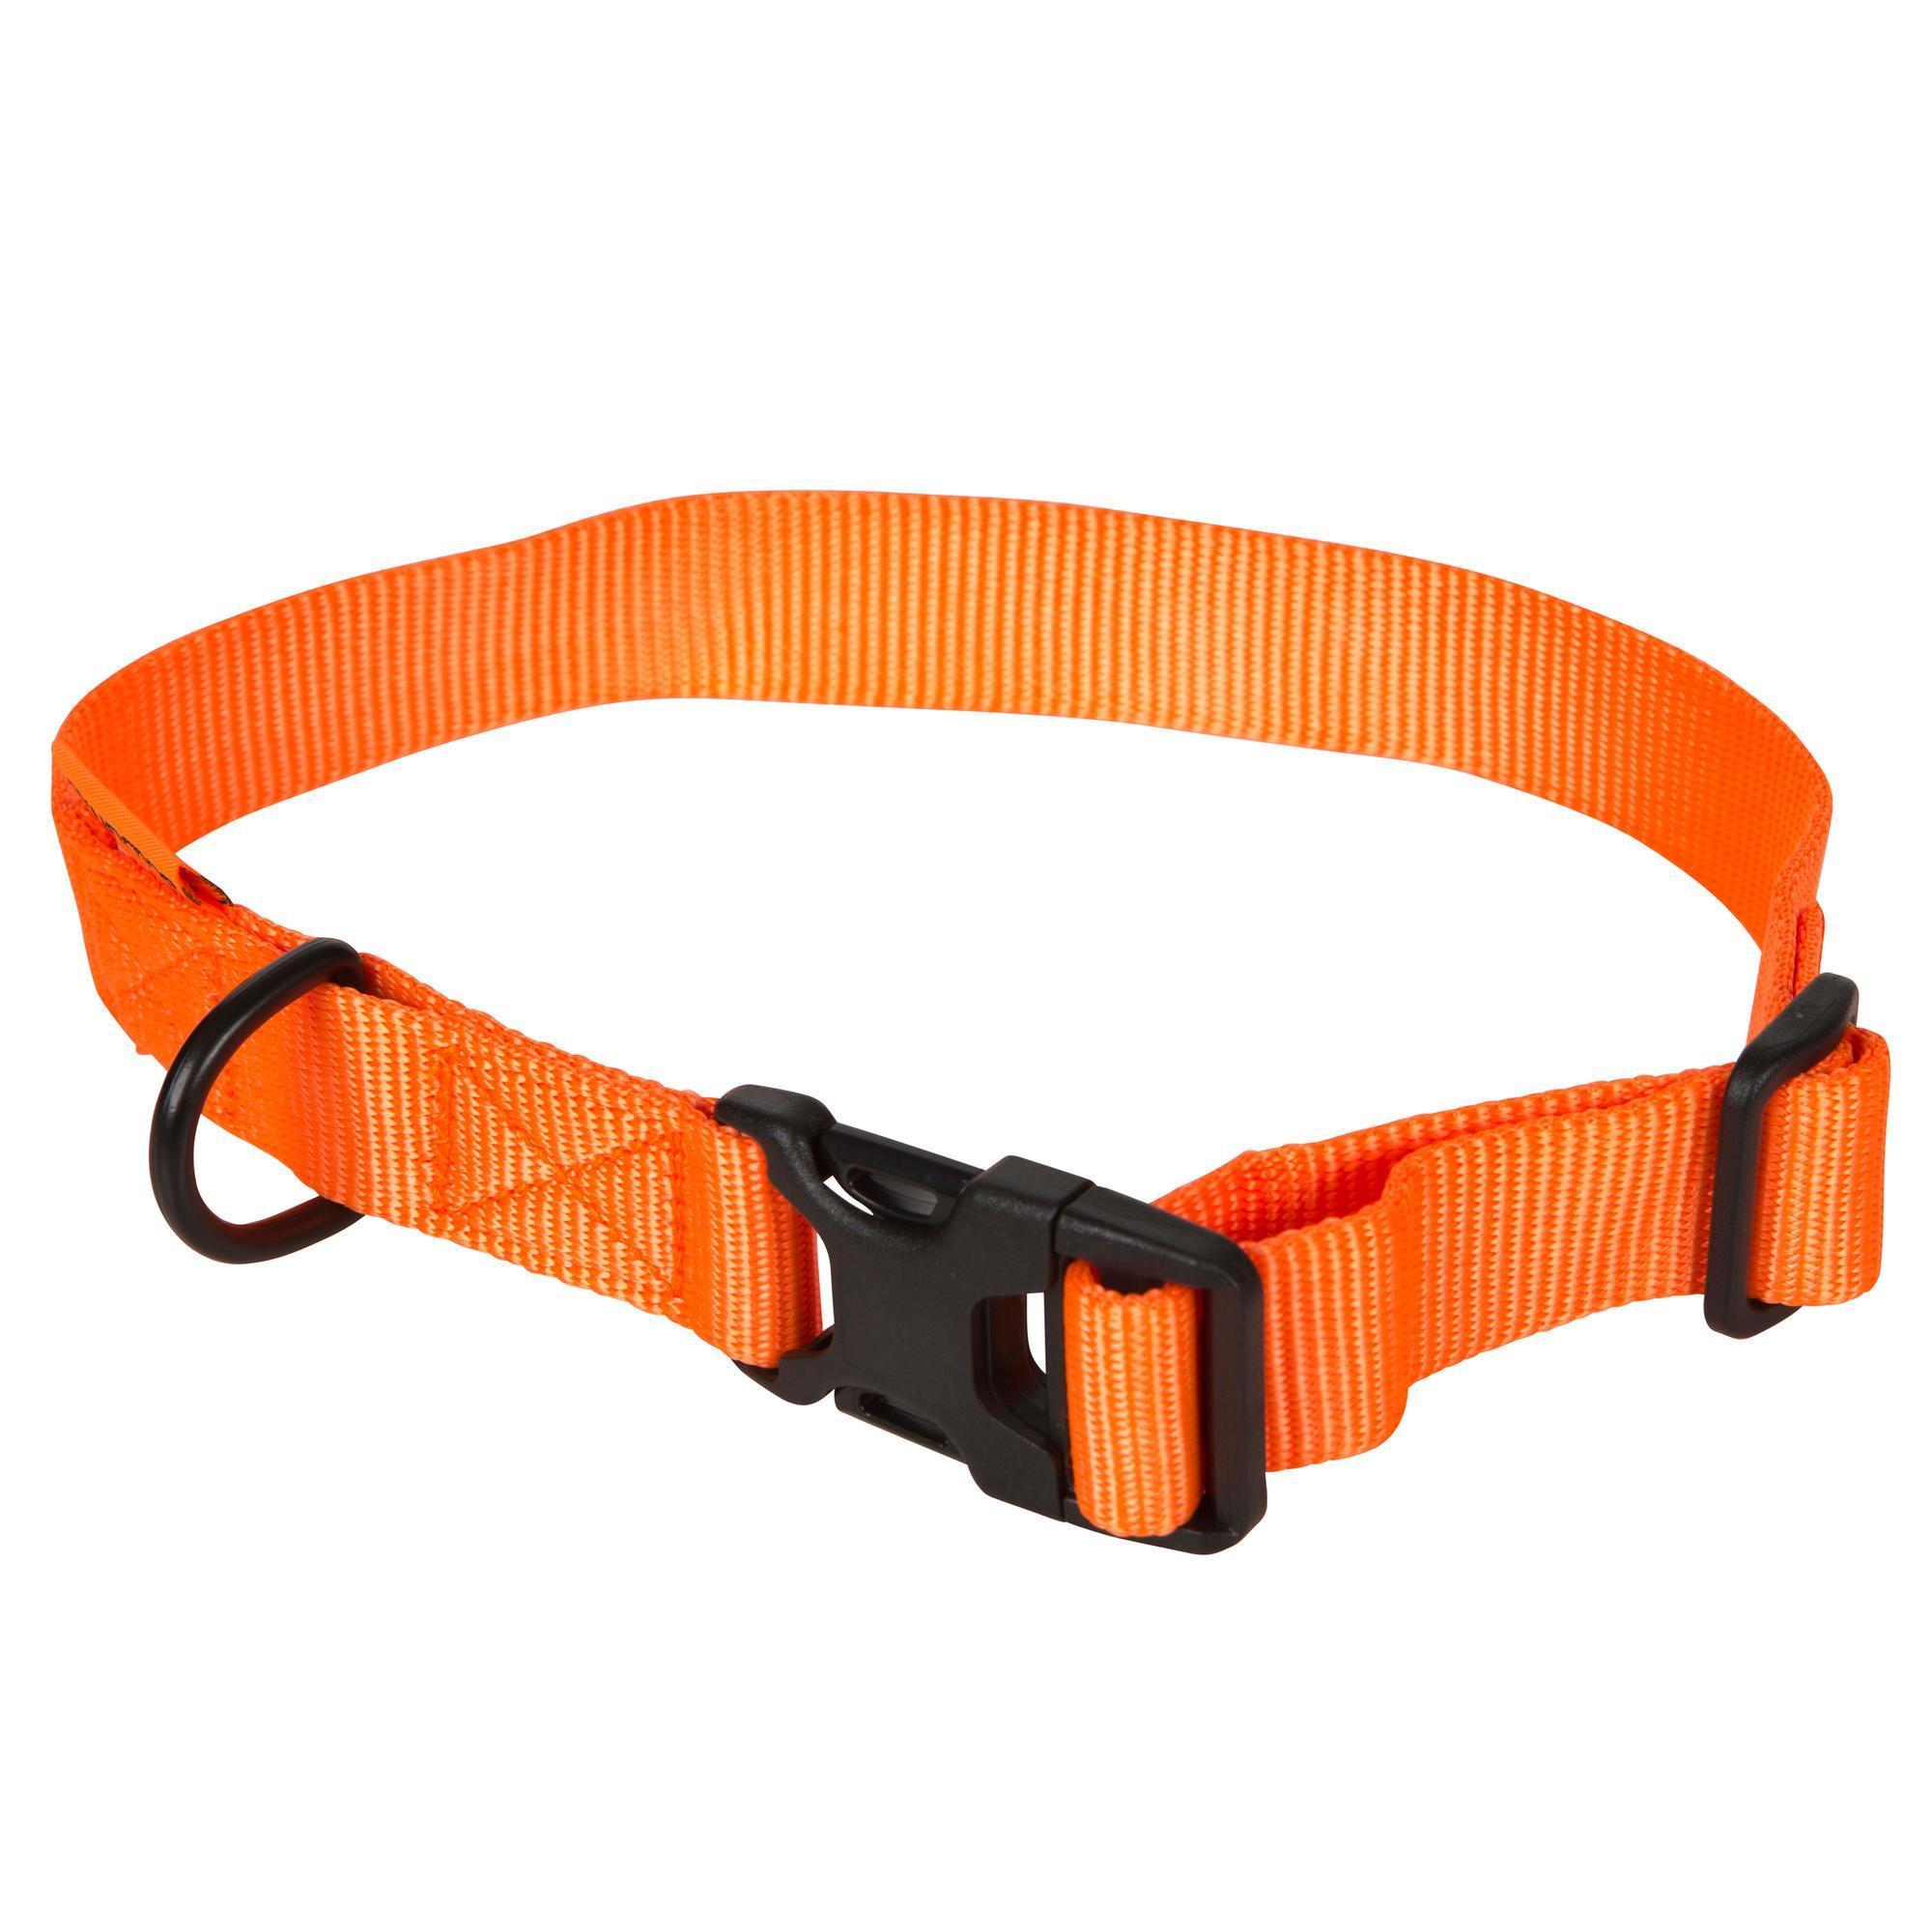 Collar para perro naranja fluor